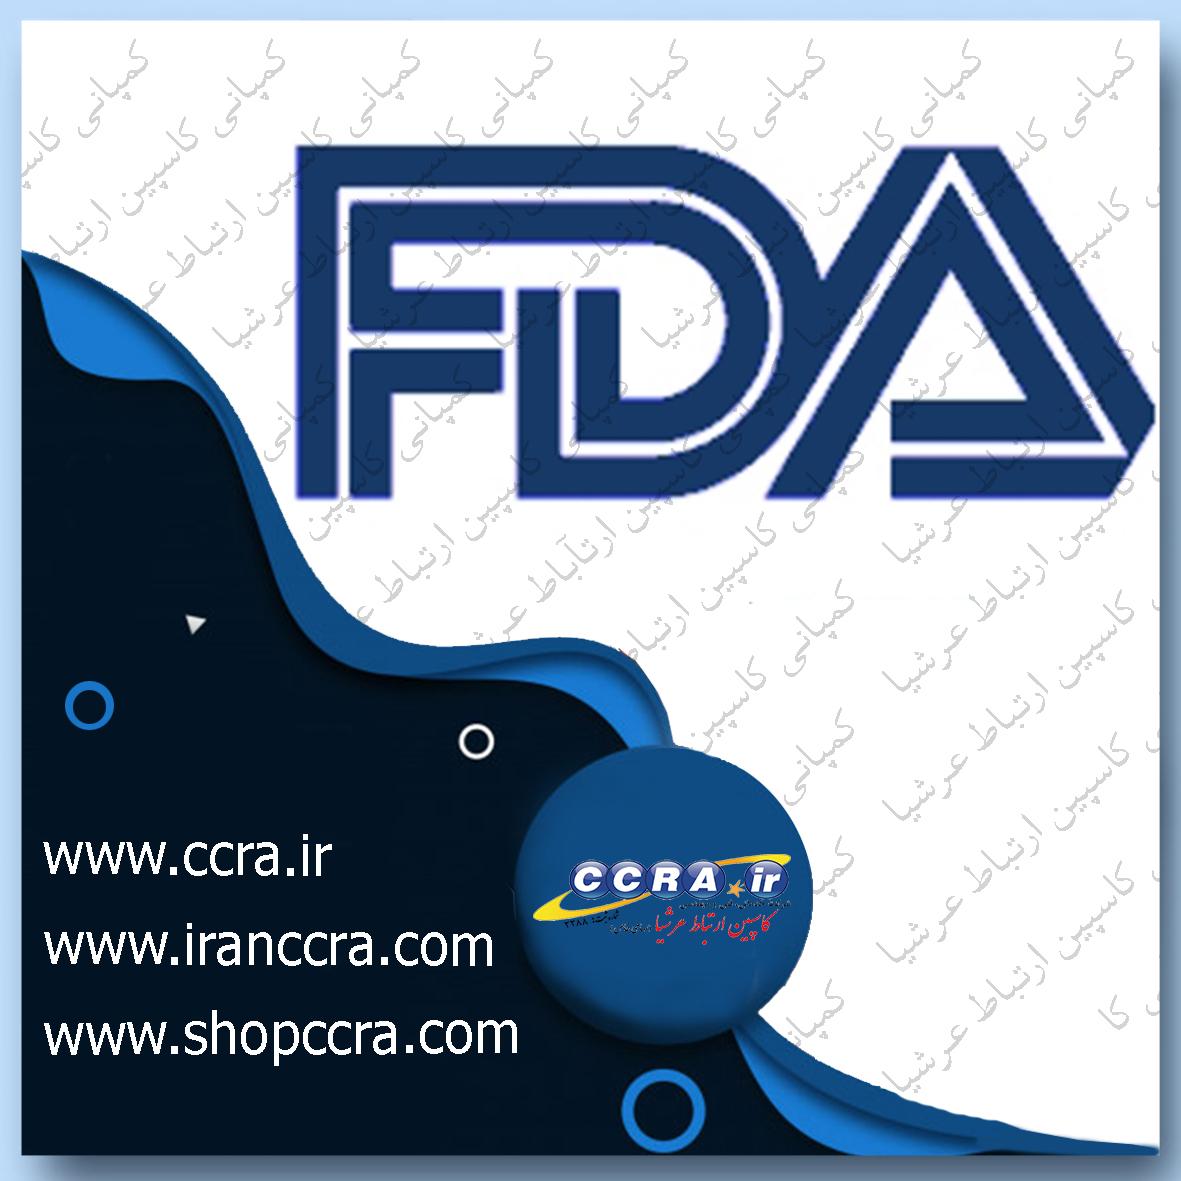 استاندارد FDA در دستگاه های تصفیه آب خانگی آکوا لایف